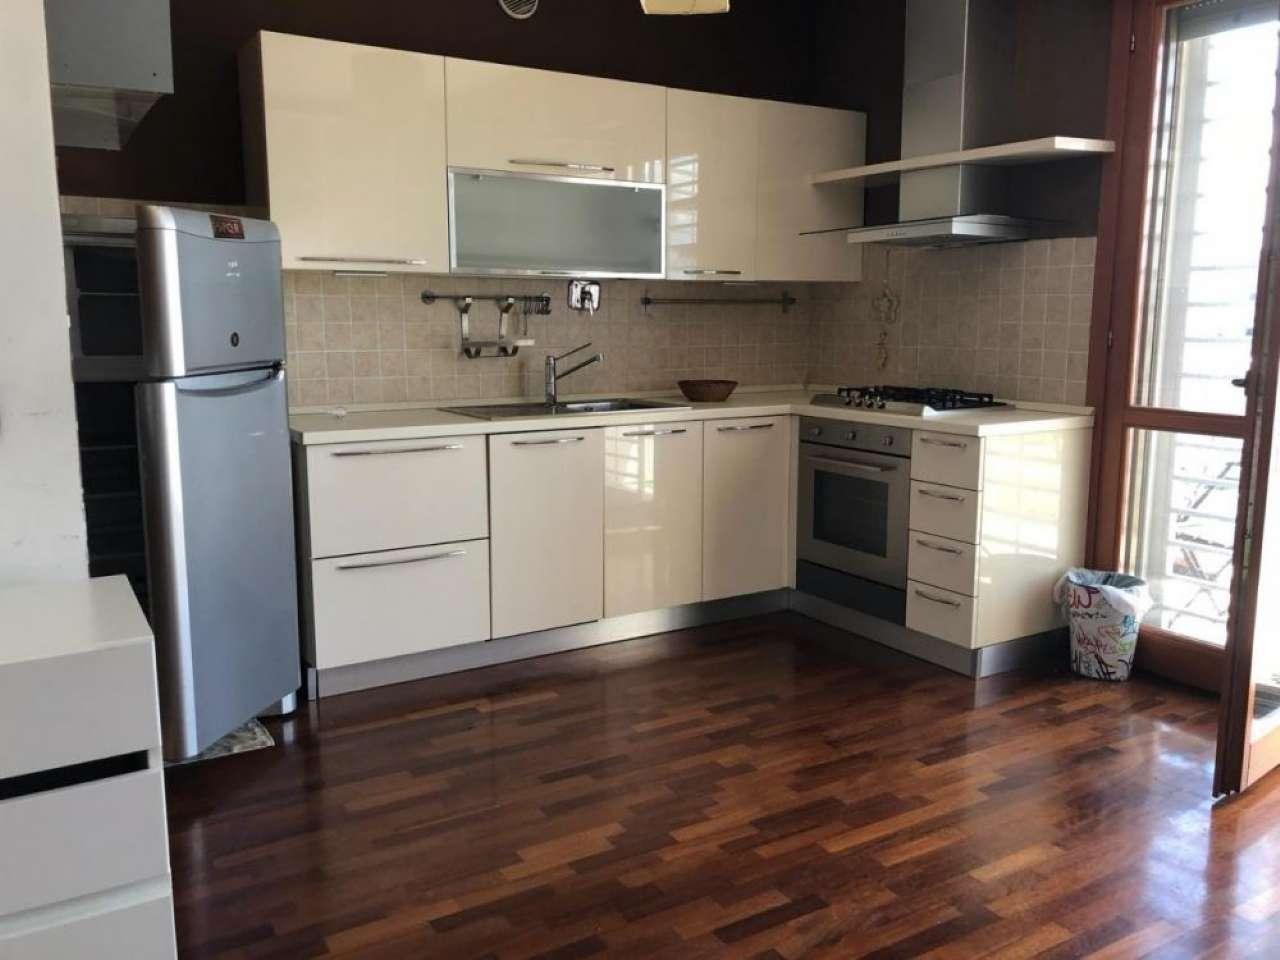 Appartamento in vendita a Roma, 1 locali, zona Zona: 3 . Trieste - Somalia - Salario, prezzo € 165.000 | CambioCasa.it